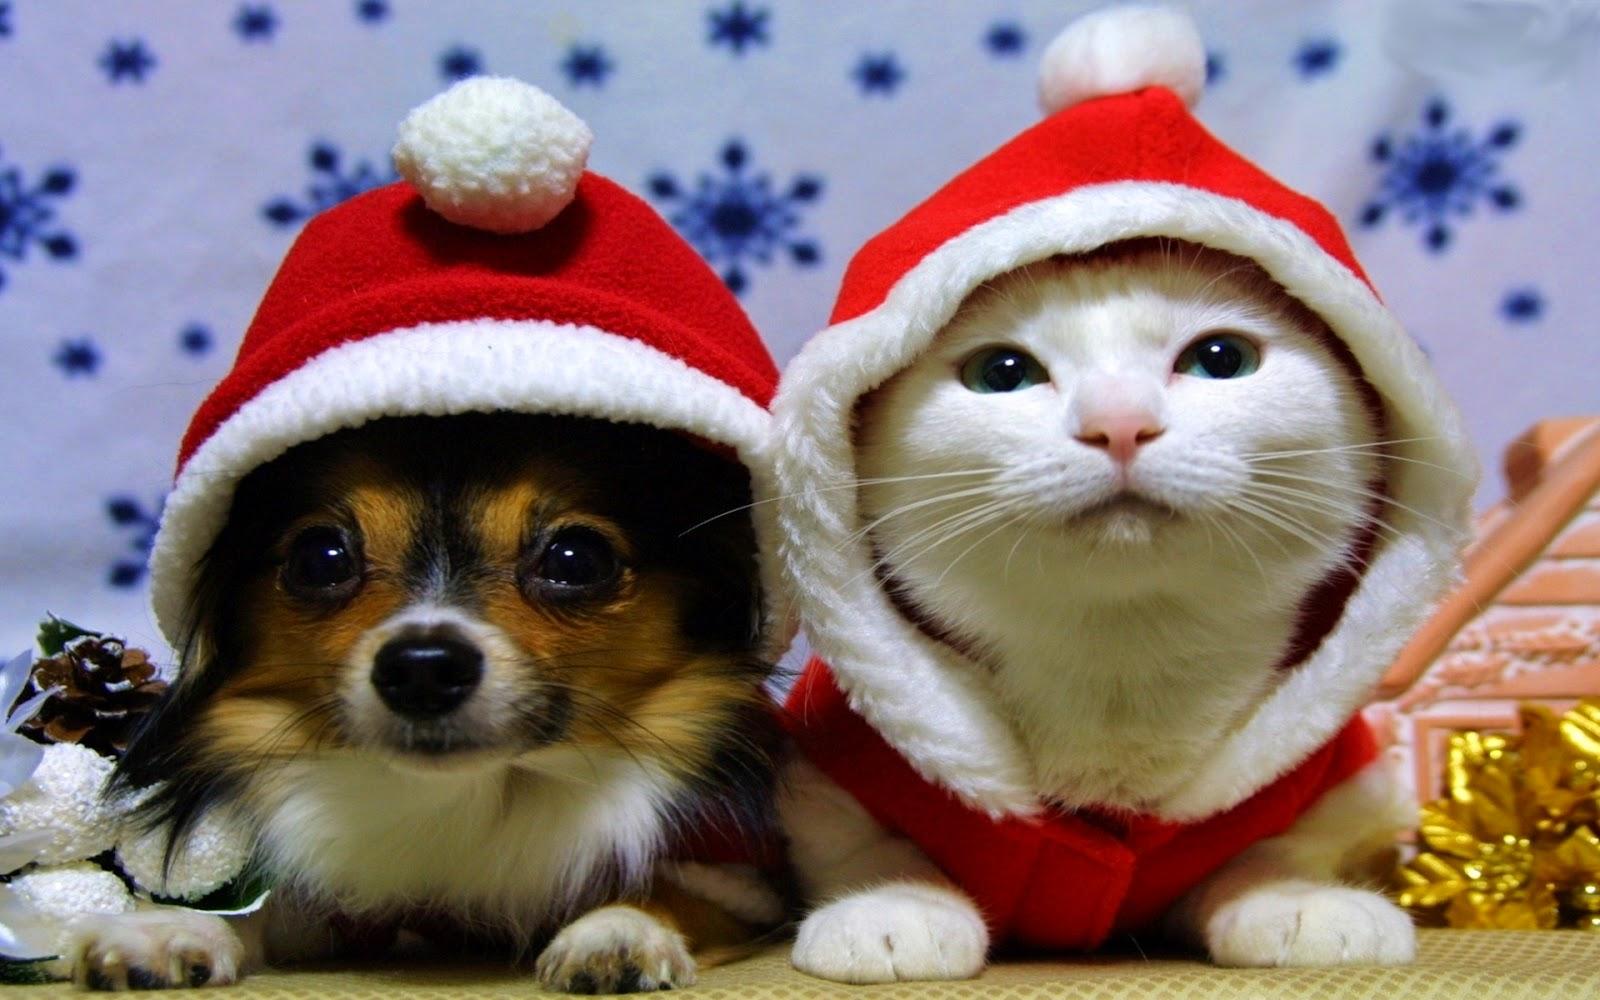 kot-czerwone-czapki-pies.jpeg